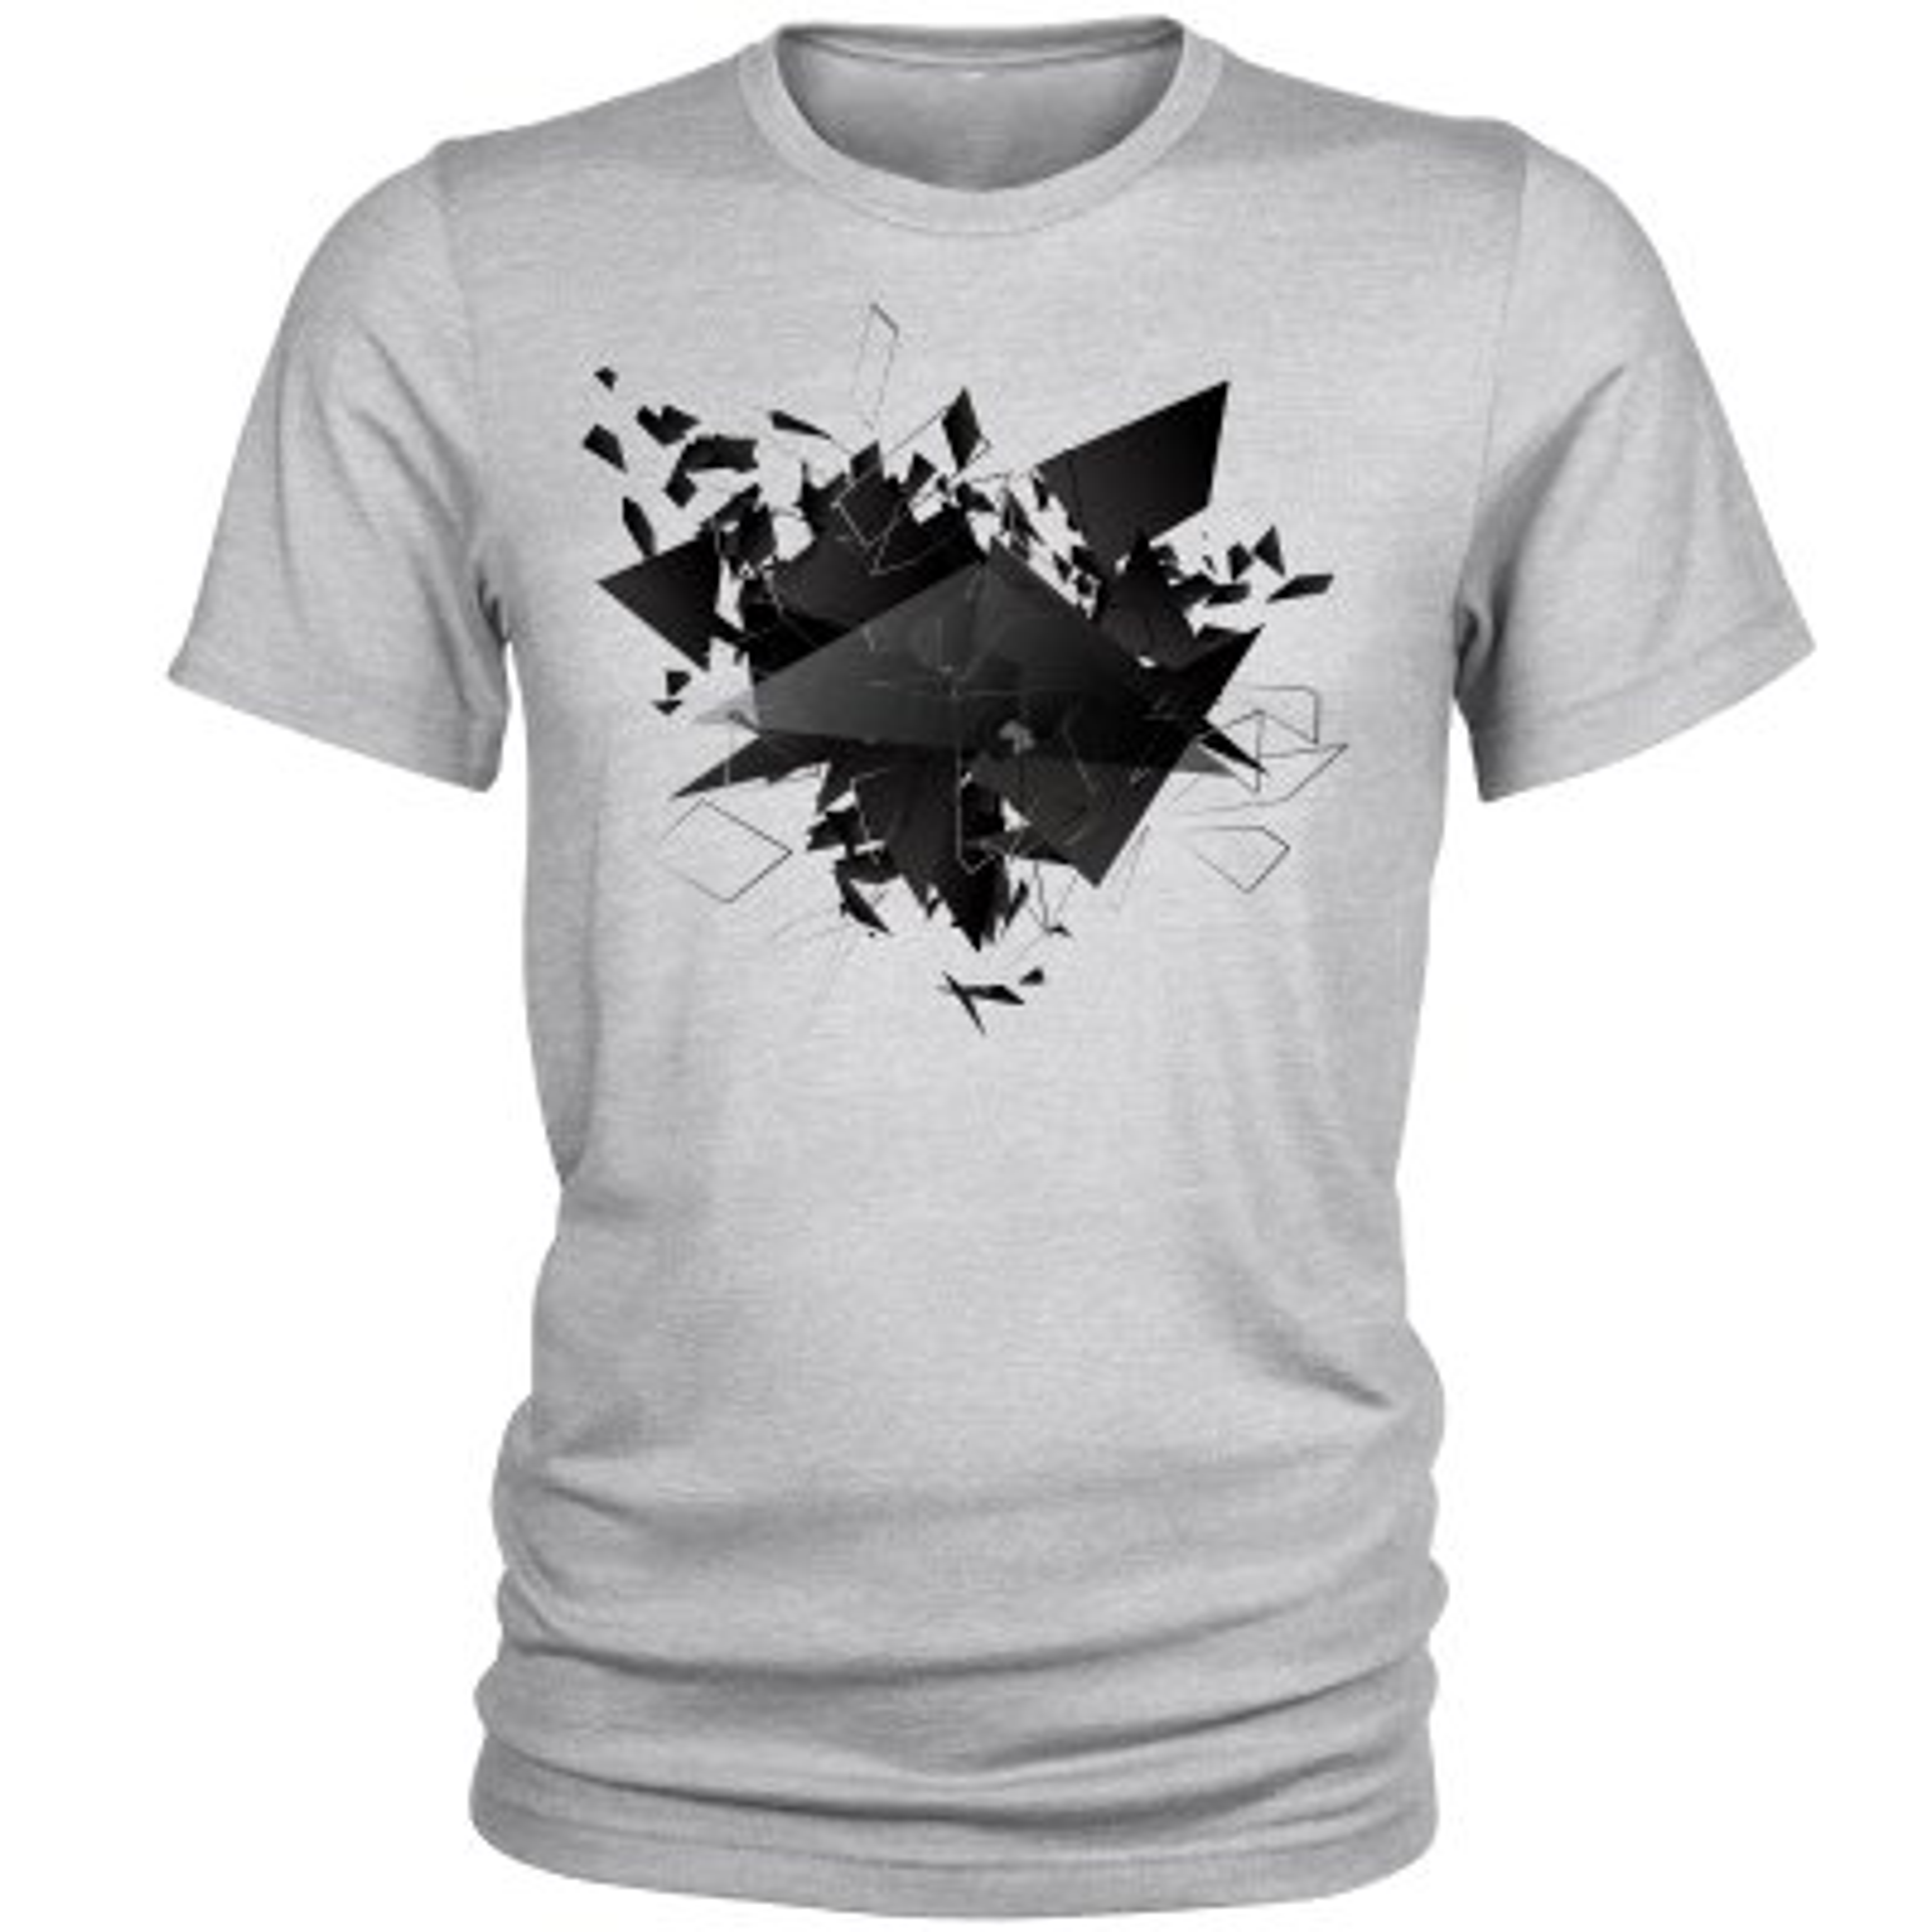 تی شرت مردانه کد B97